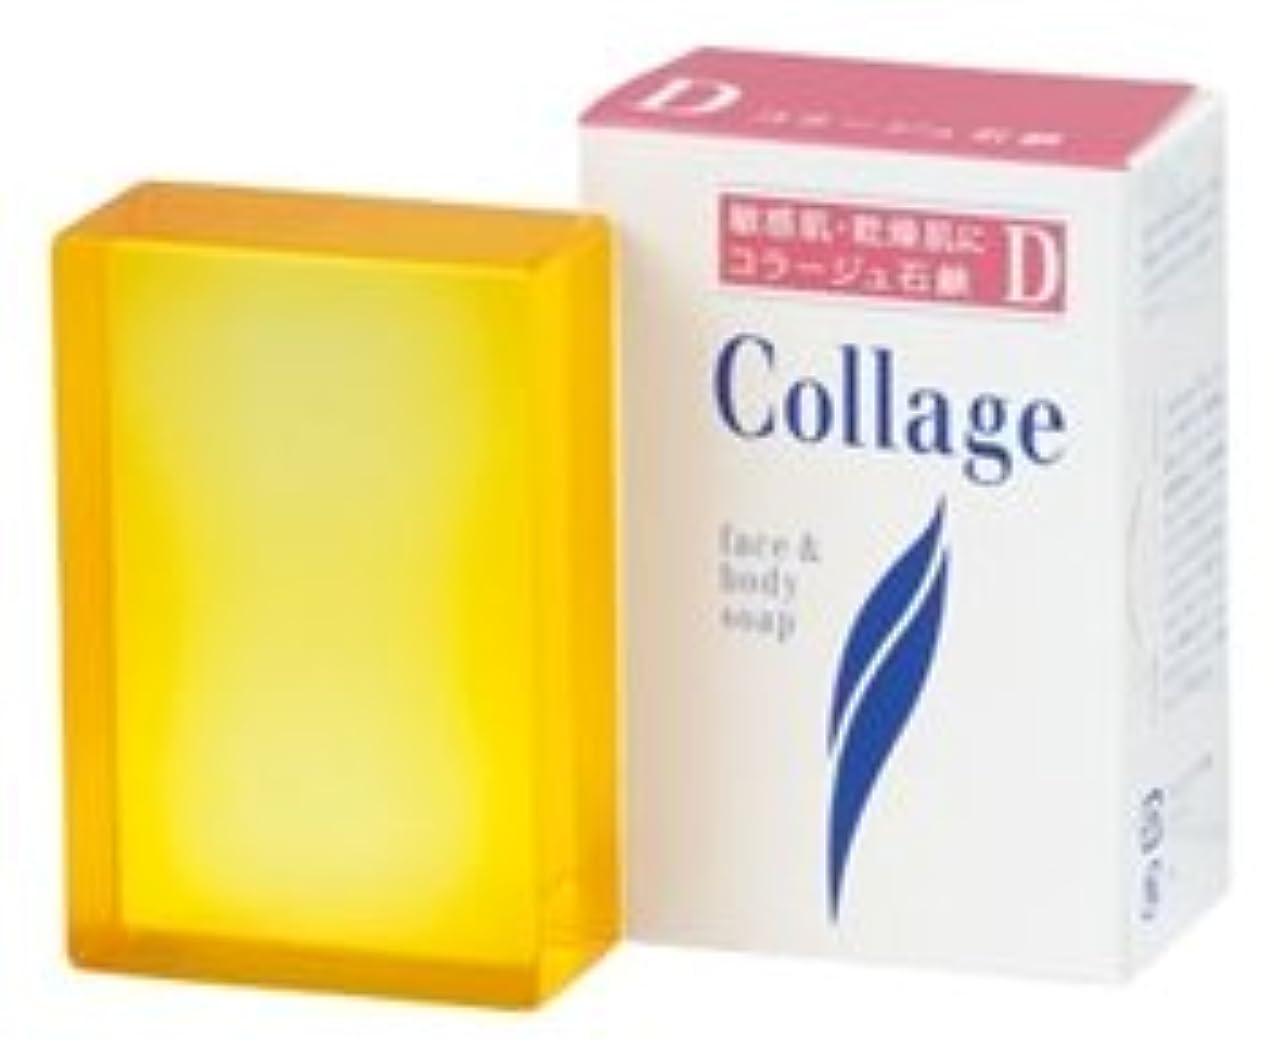 動員する珍味インタフェースコラージュD乾性肌用石鹸100g×2 1342